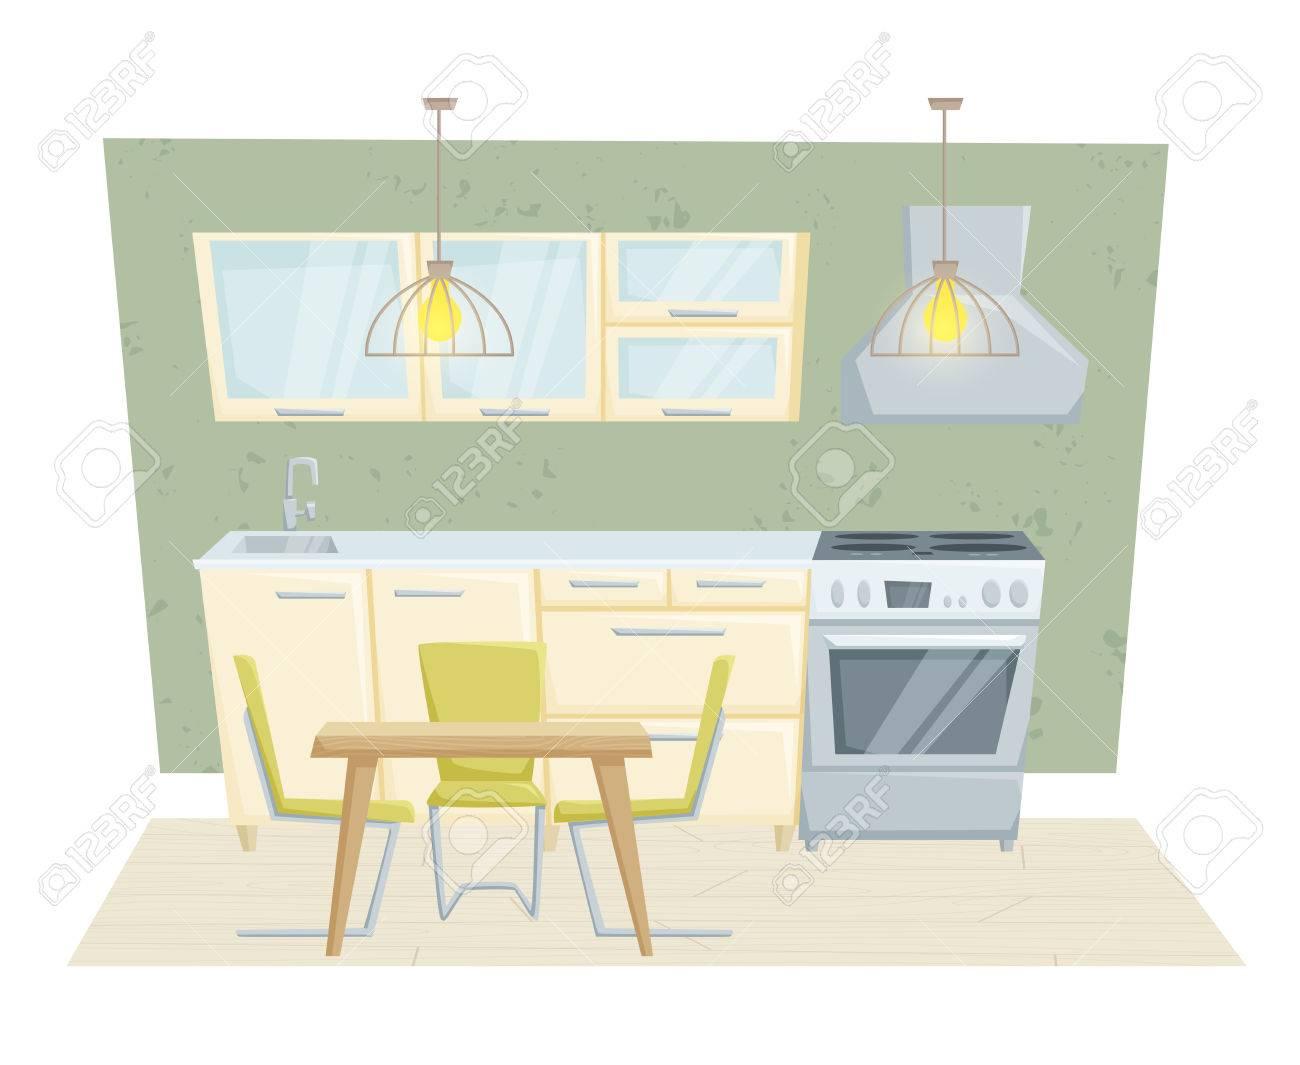 Küchen Inter Mit Möbeln Und Dekoration In Modernem Stil. Küche Unter ...